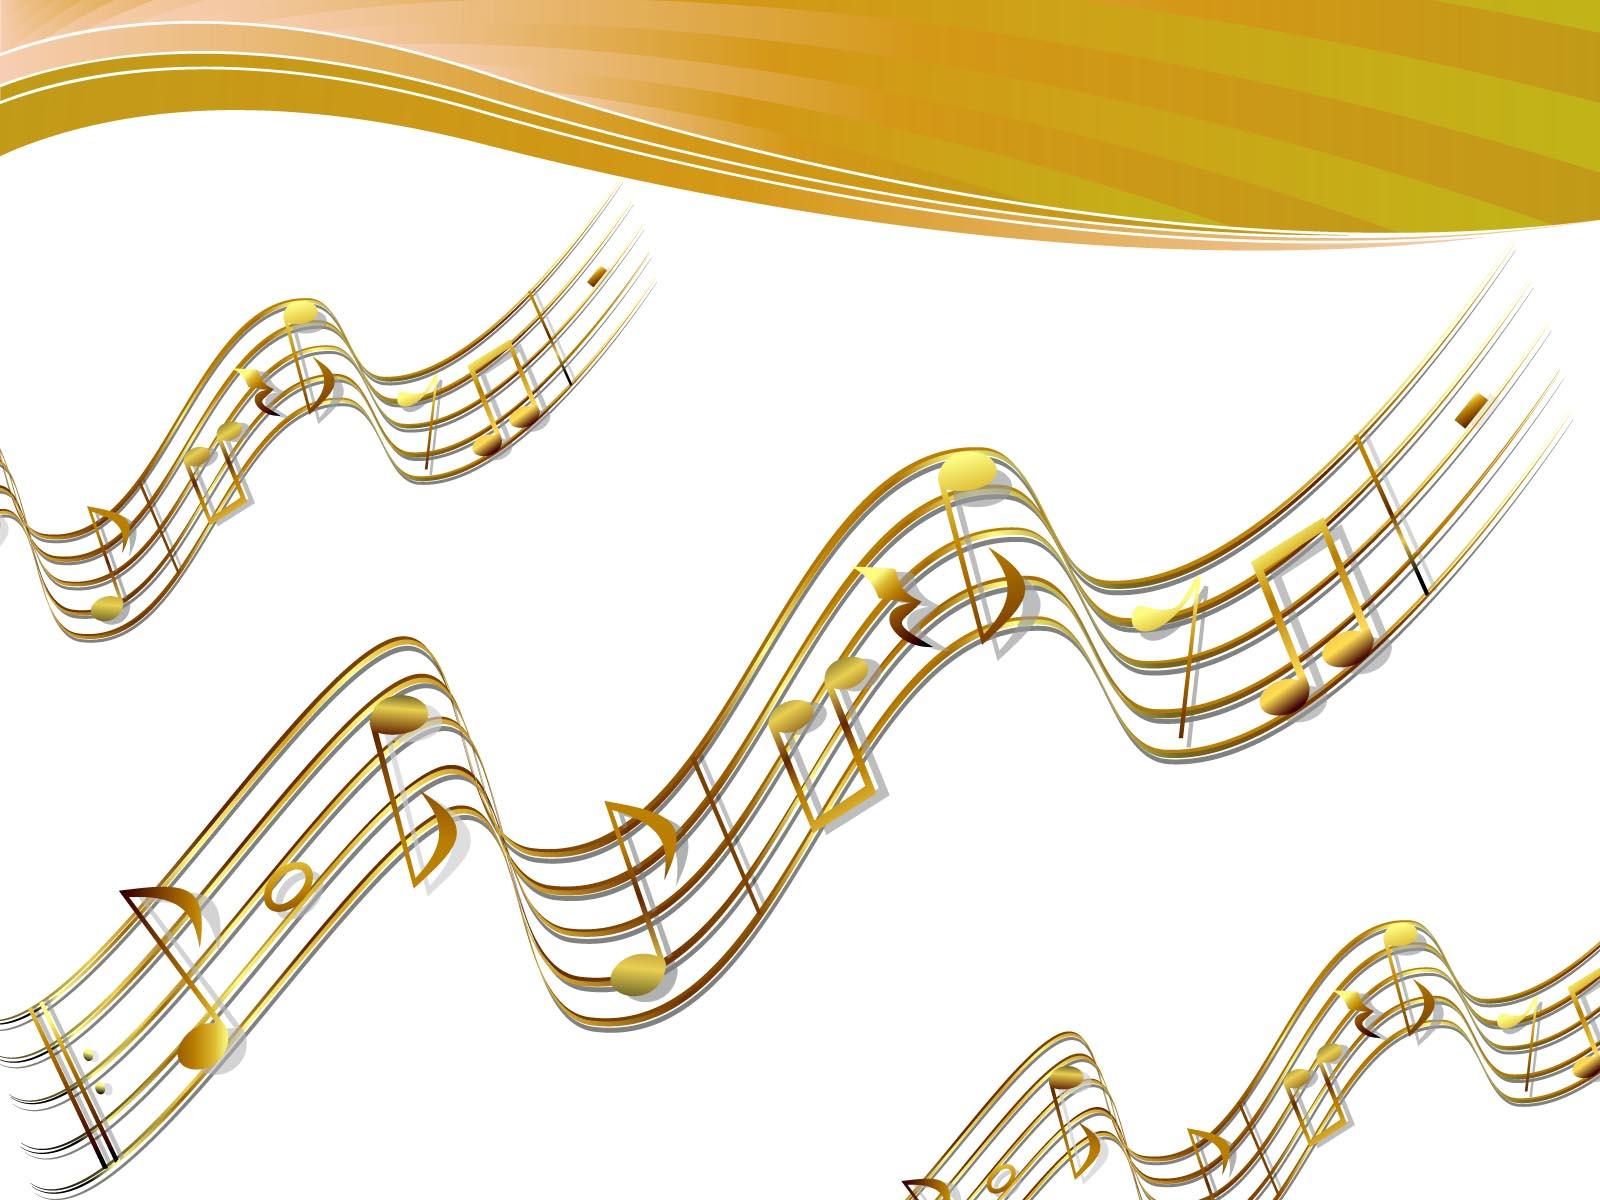 Flying score remix for music backgrounds music orange templates flying score remix for music backgrounds toneelgroepblik Choice Image